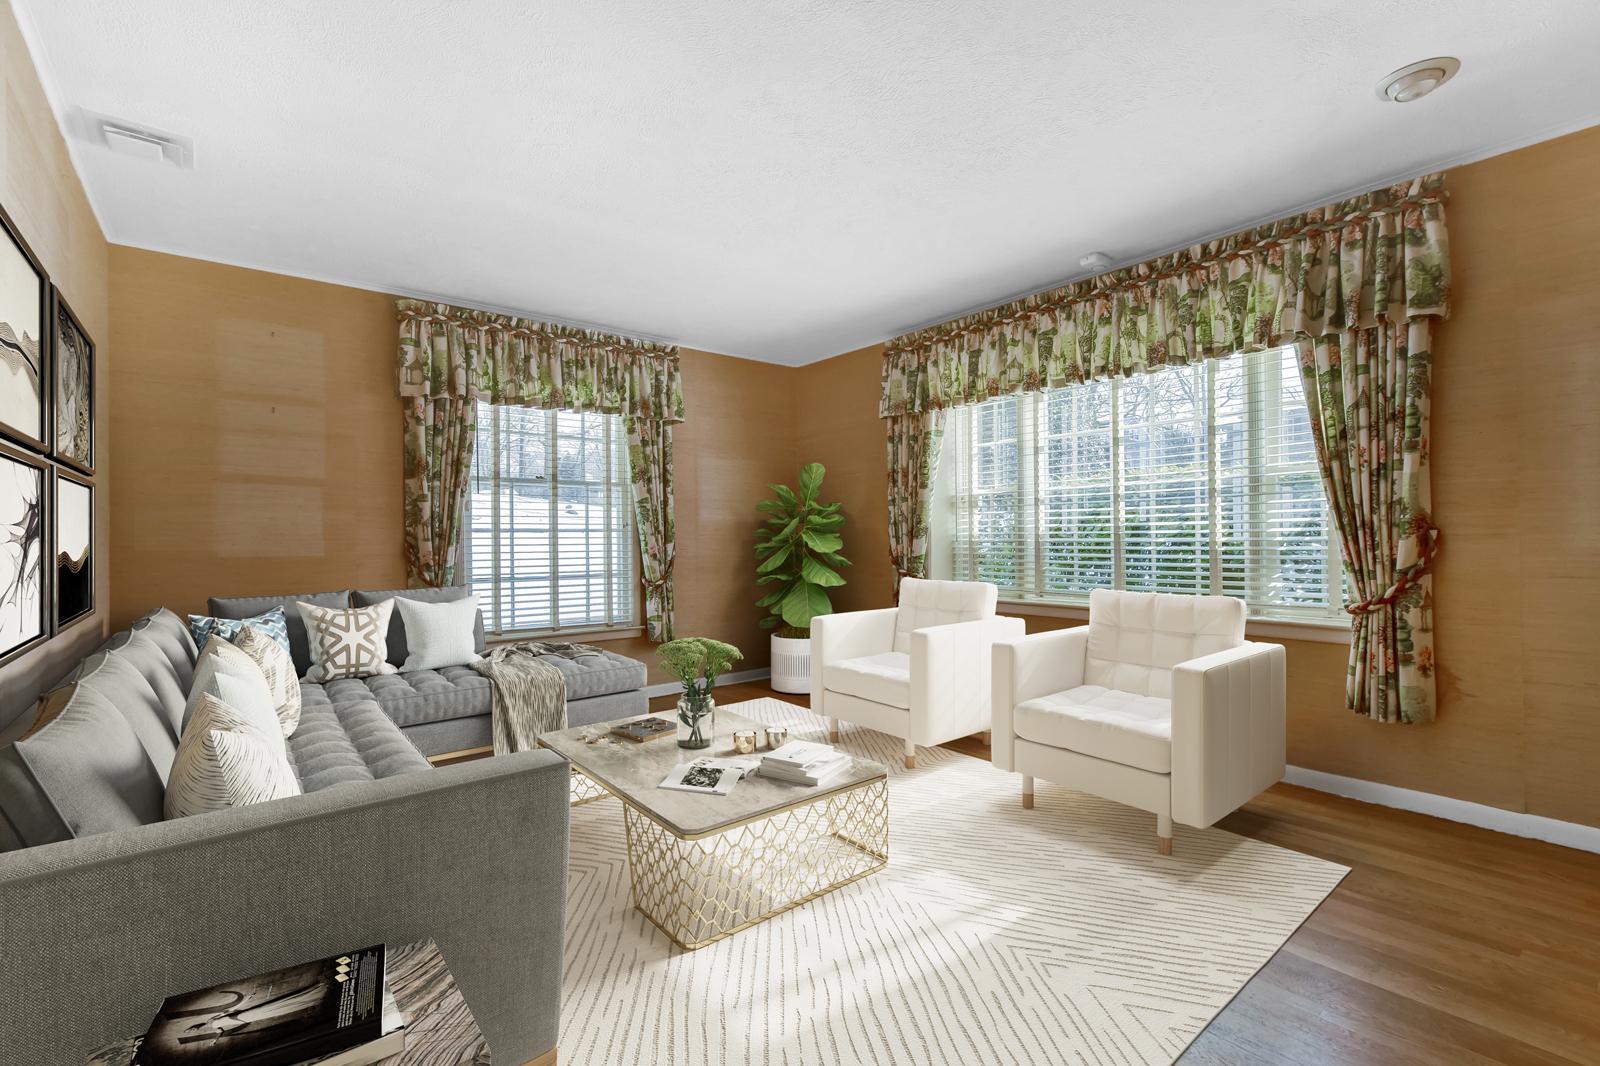 4. 12 Barry Lane Family Room